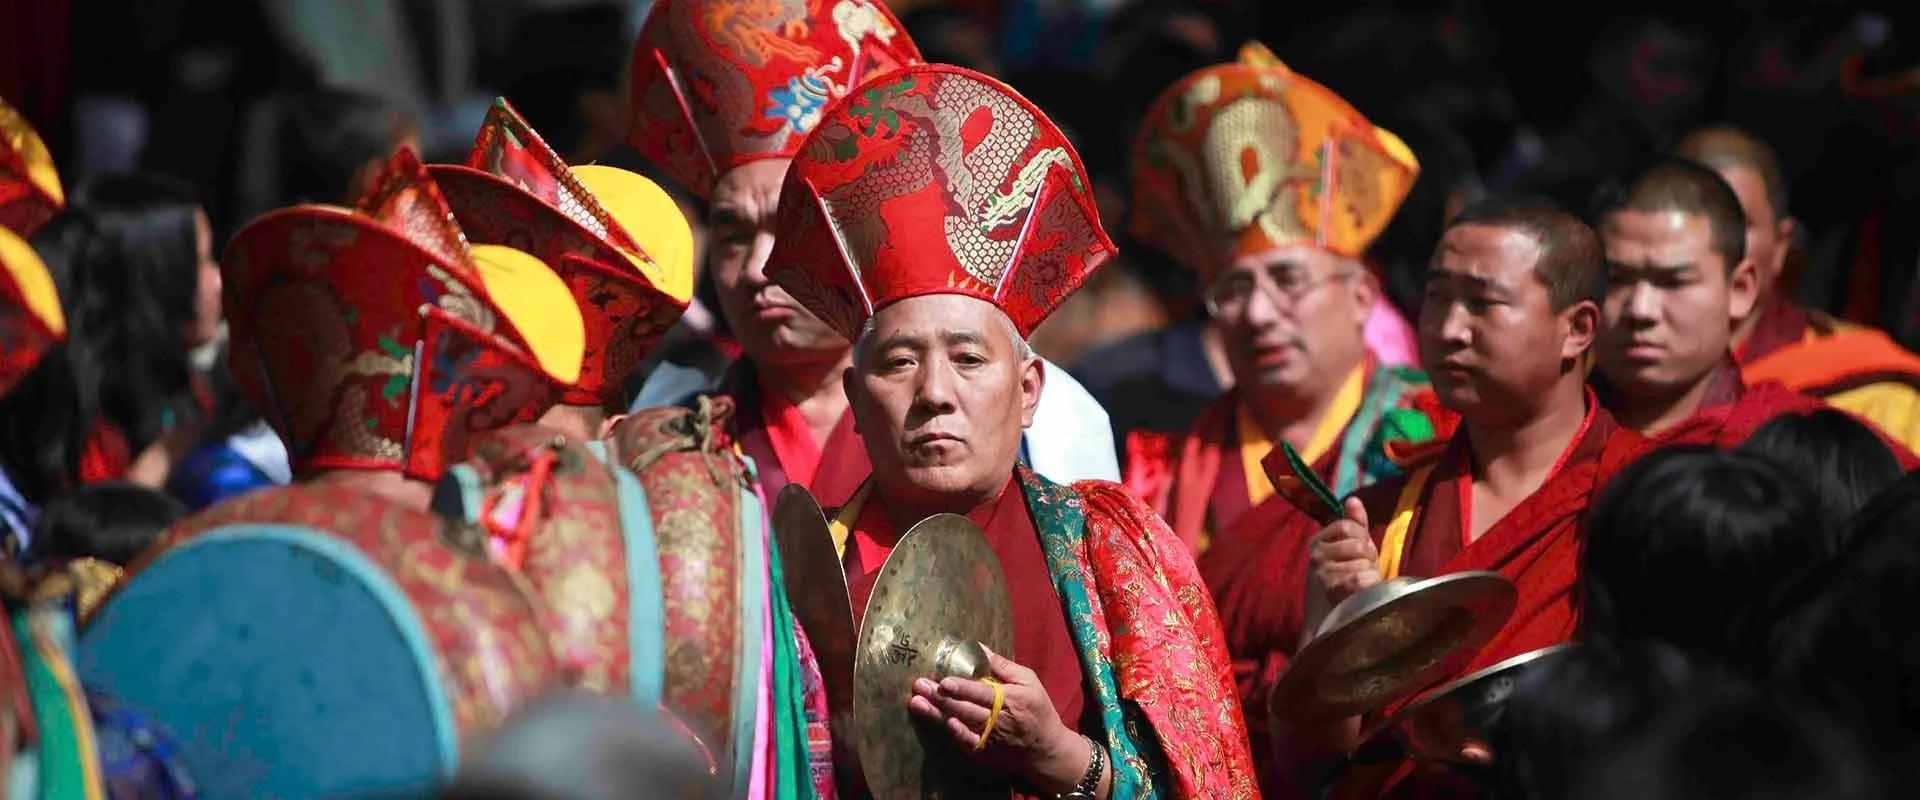 thimphu tshechu, thimphu festival